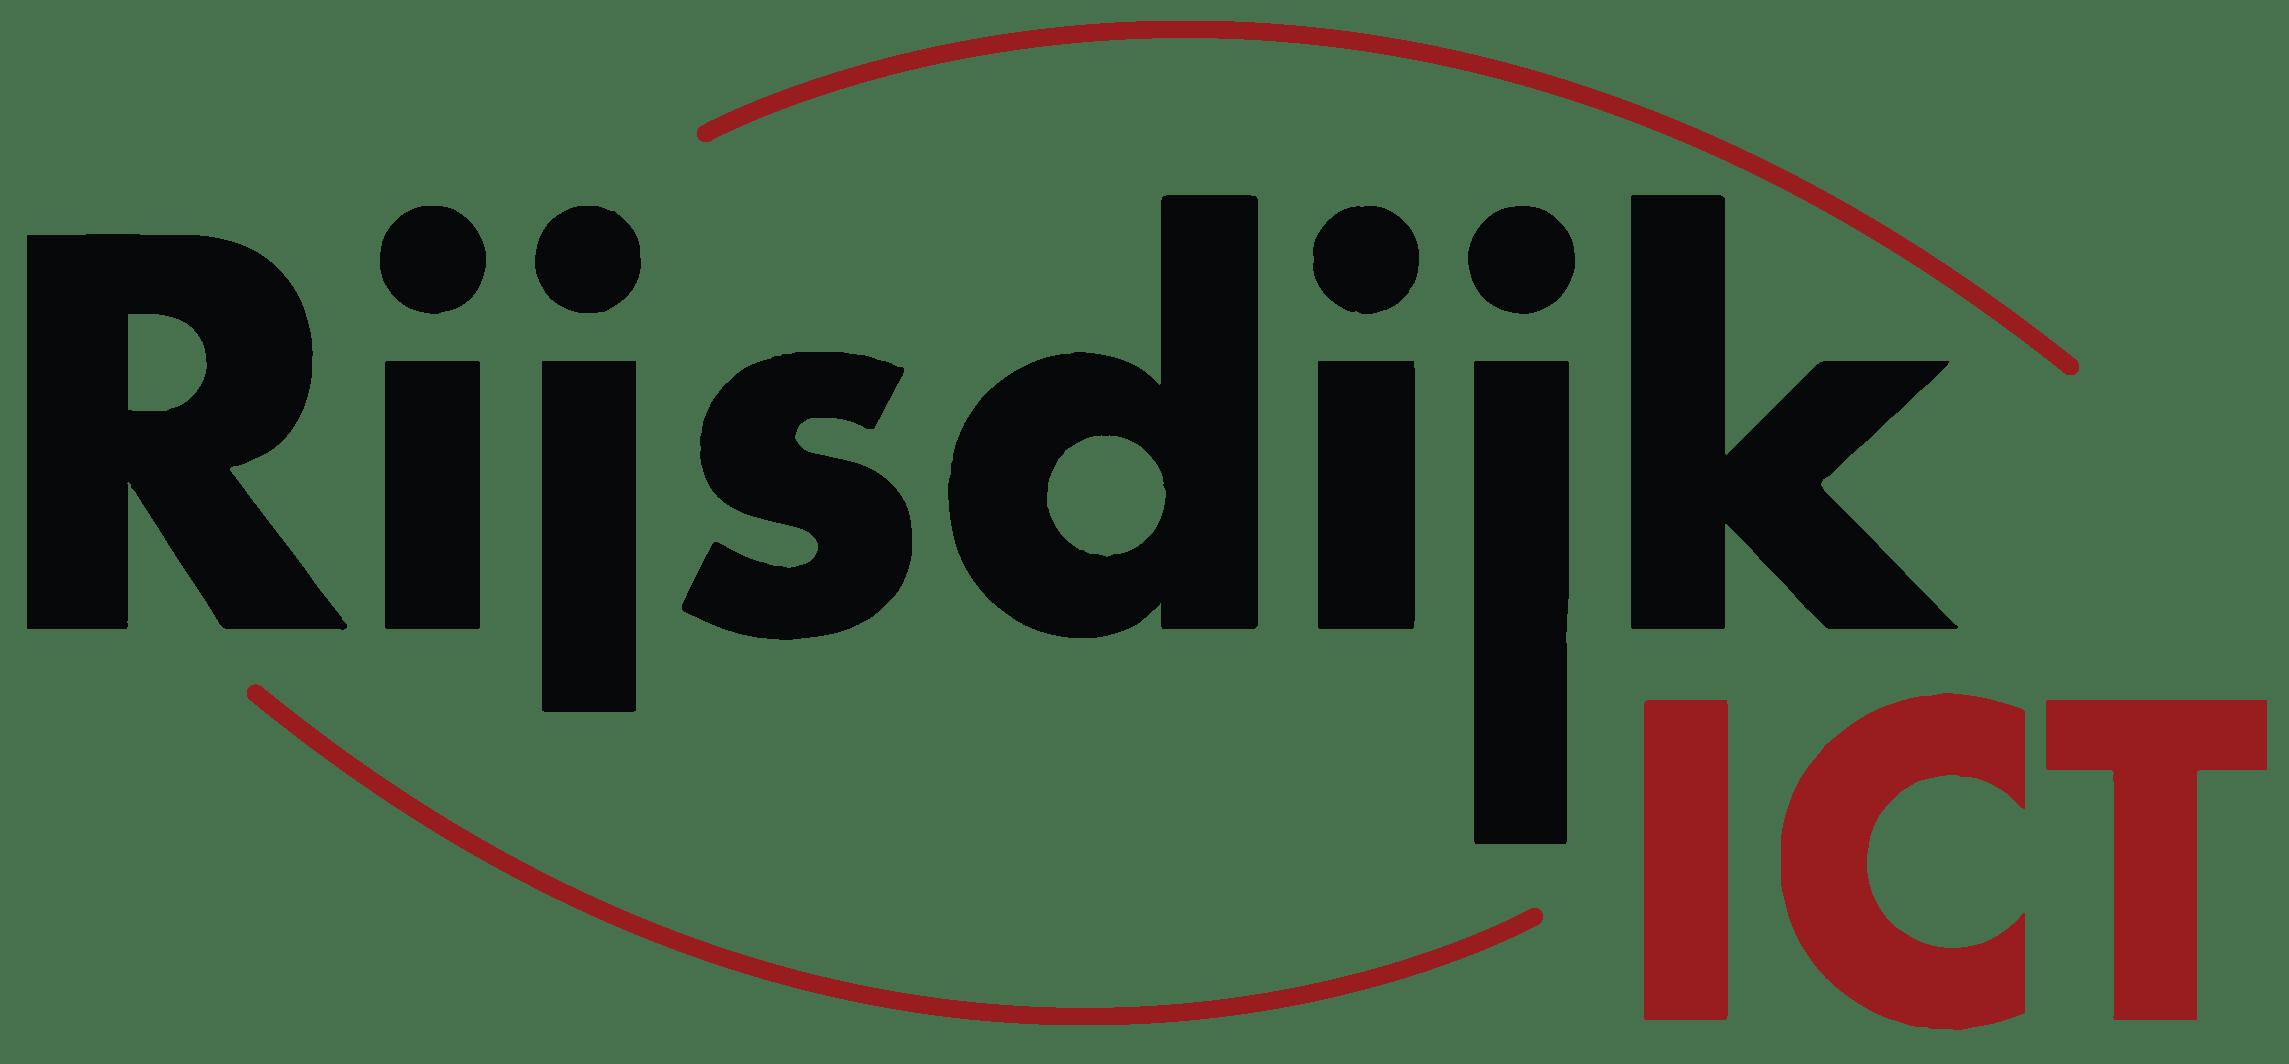 Rijsdijk ICT - Partell partner